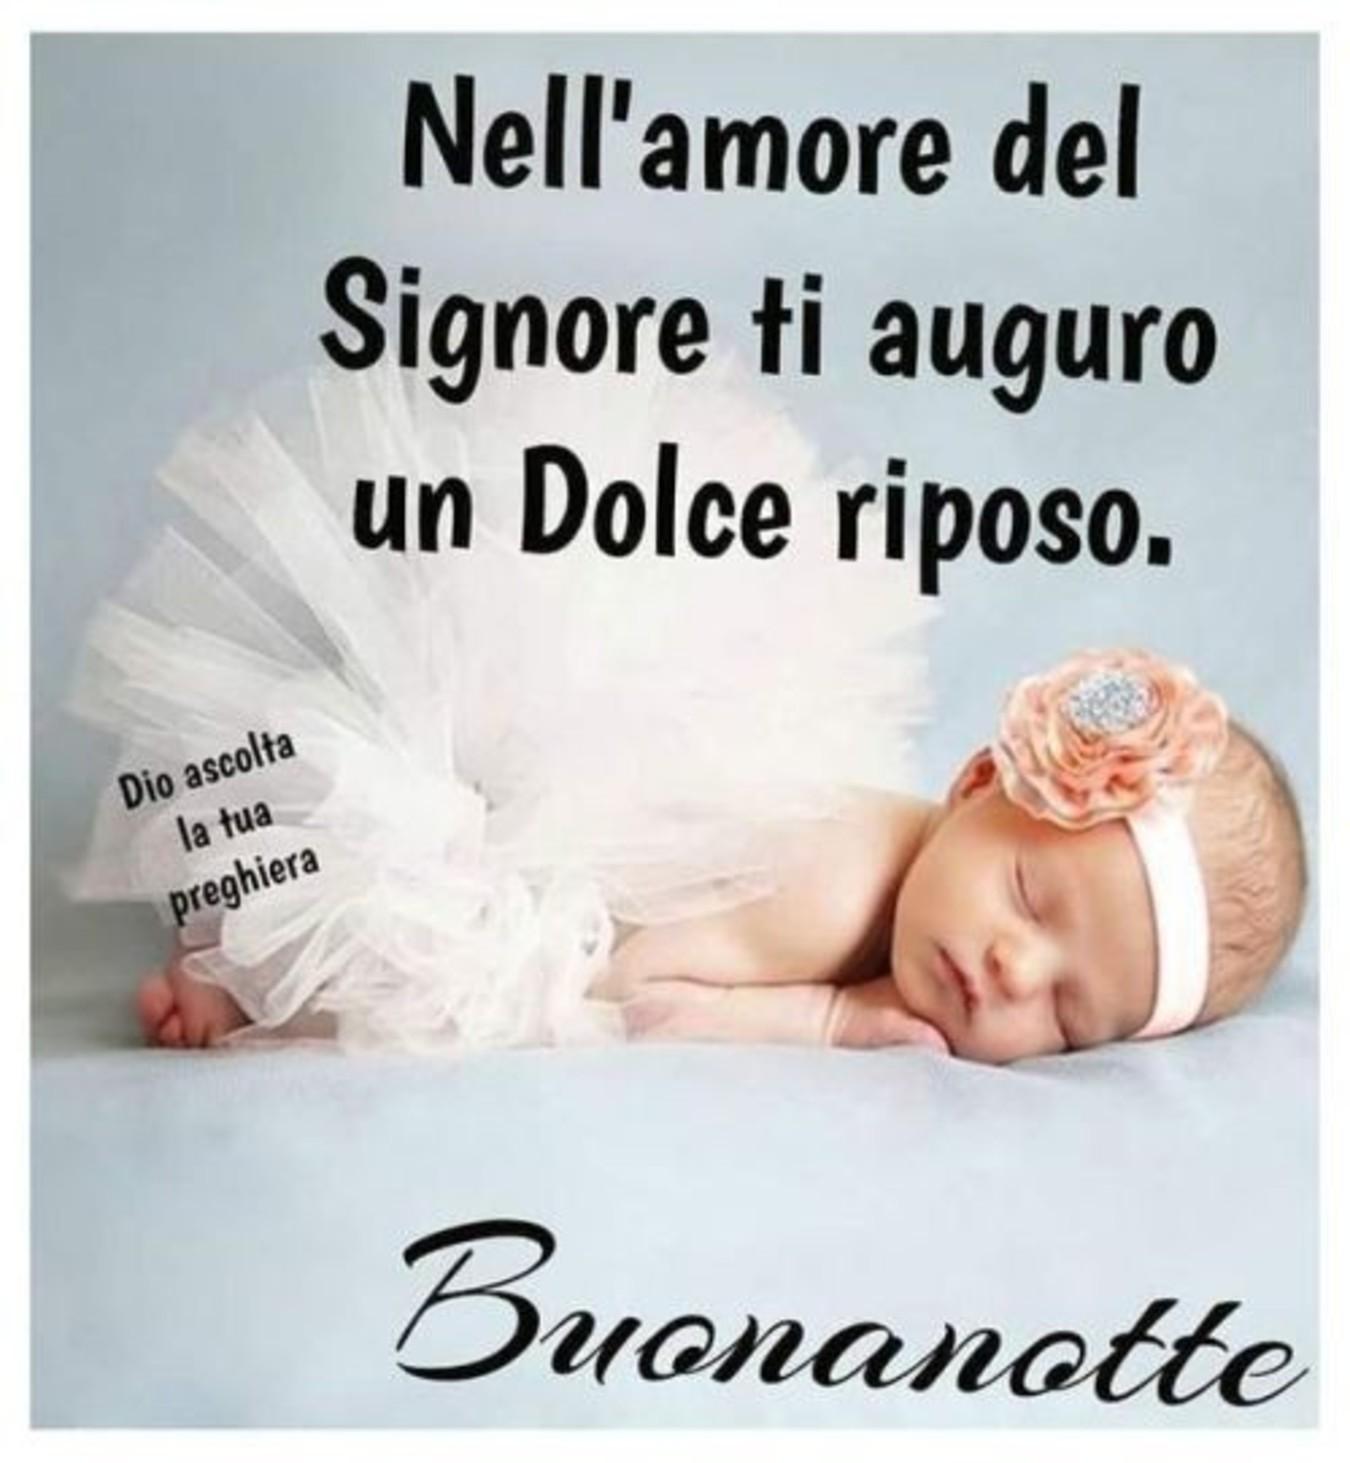 Immagini Buonanotte Belle Gratis Per Whatsapp 6138